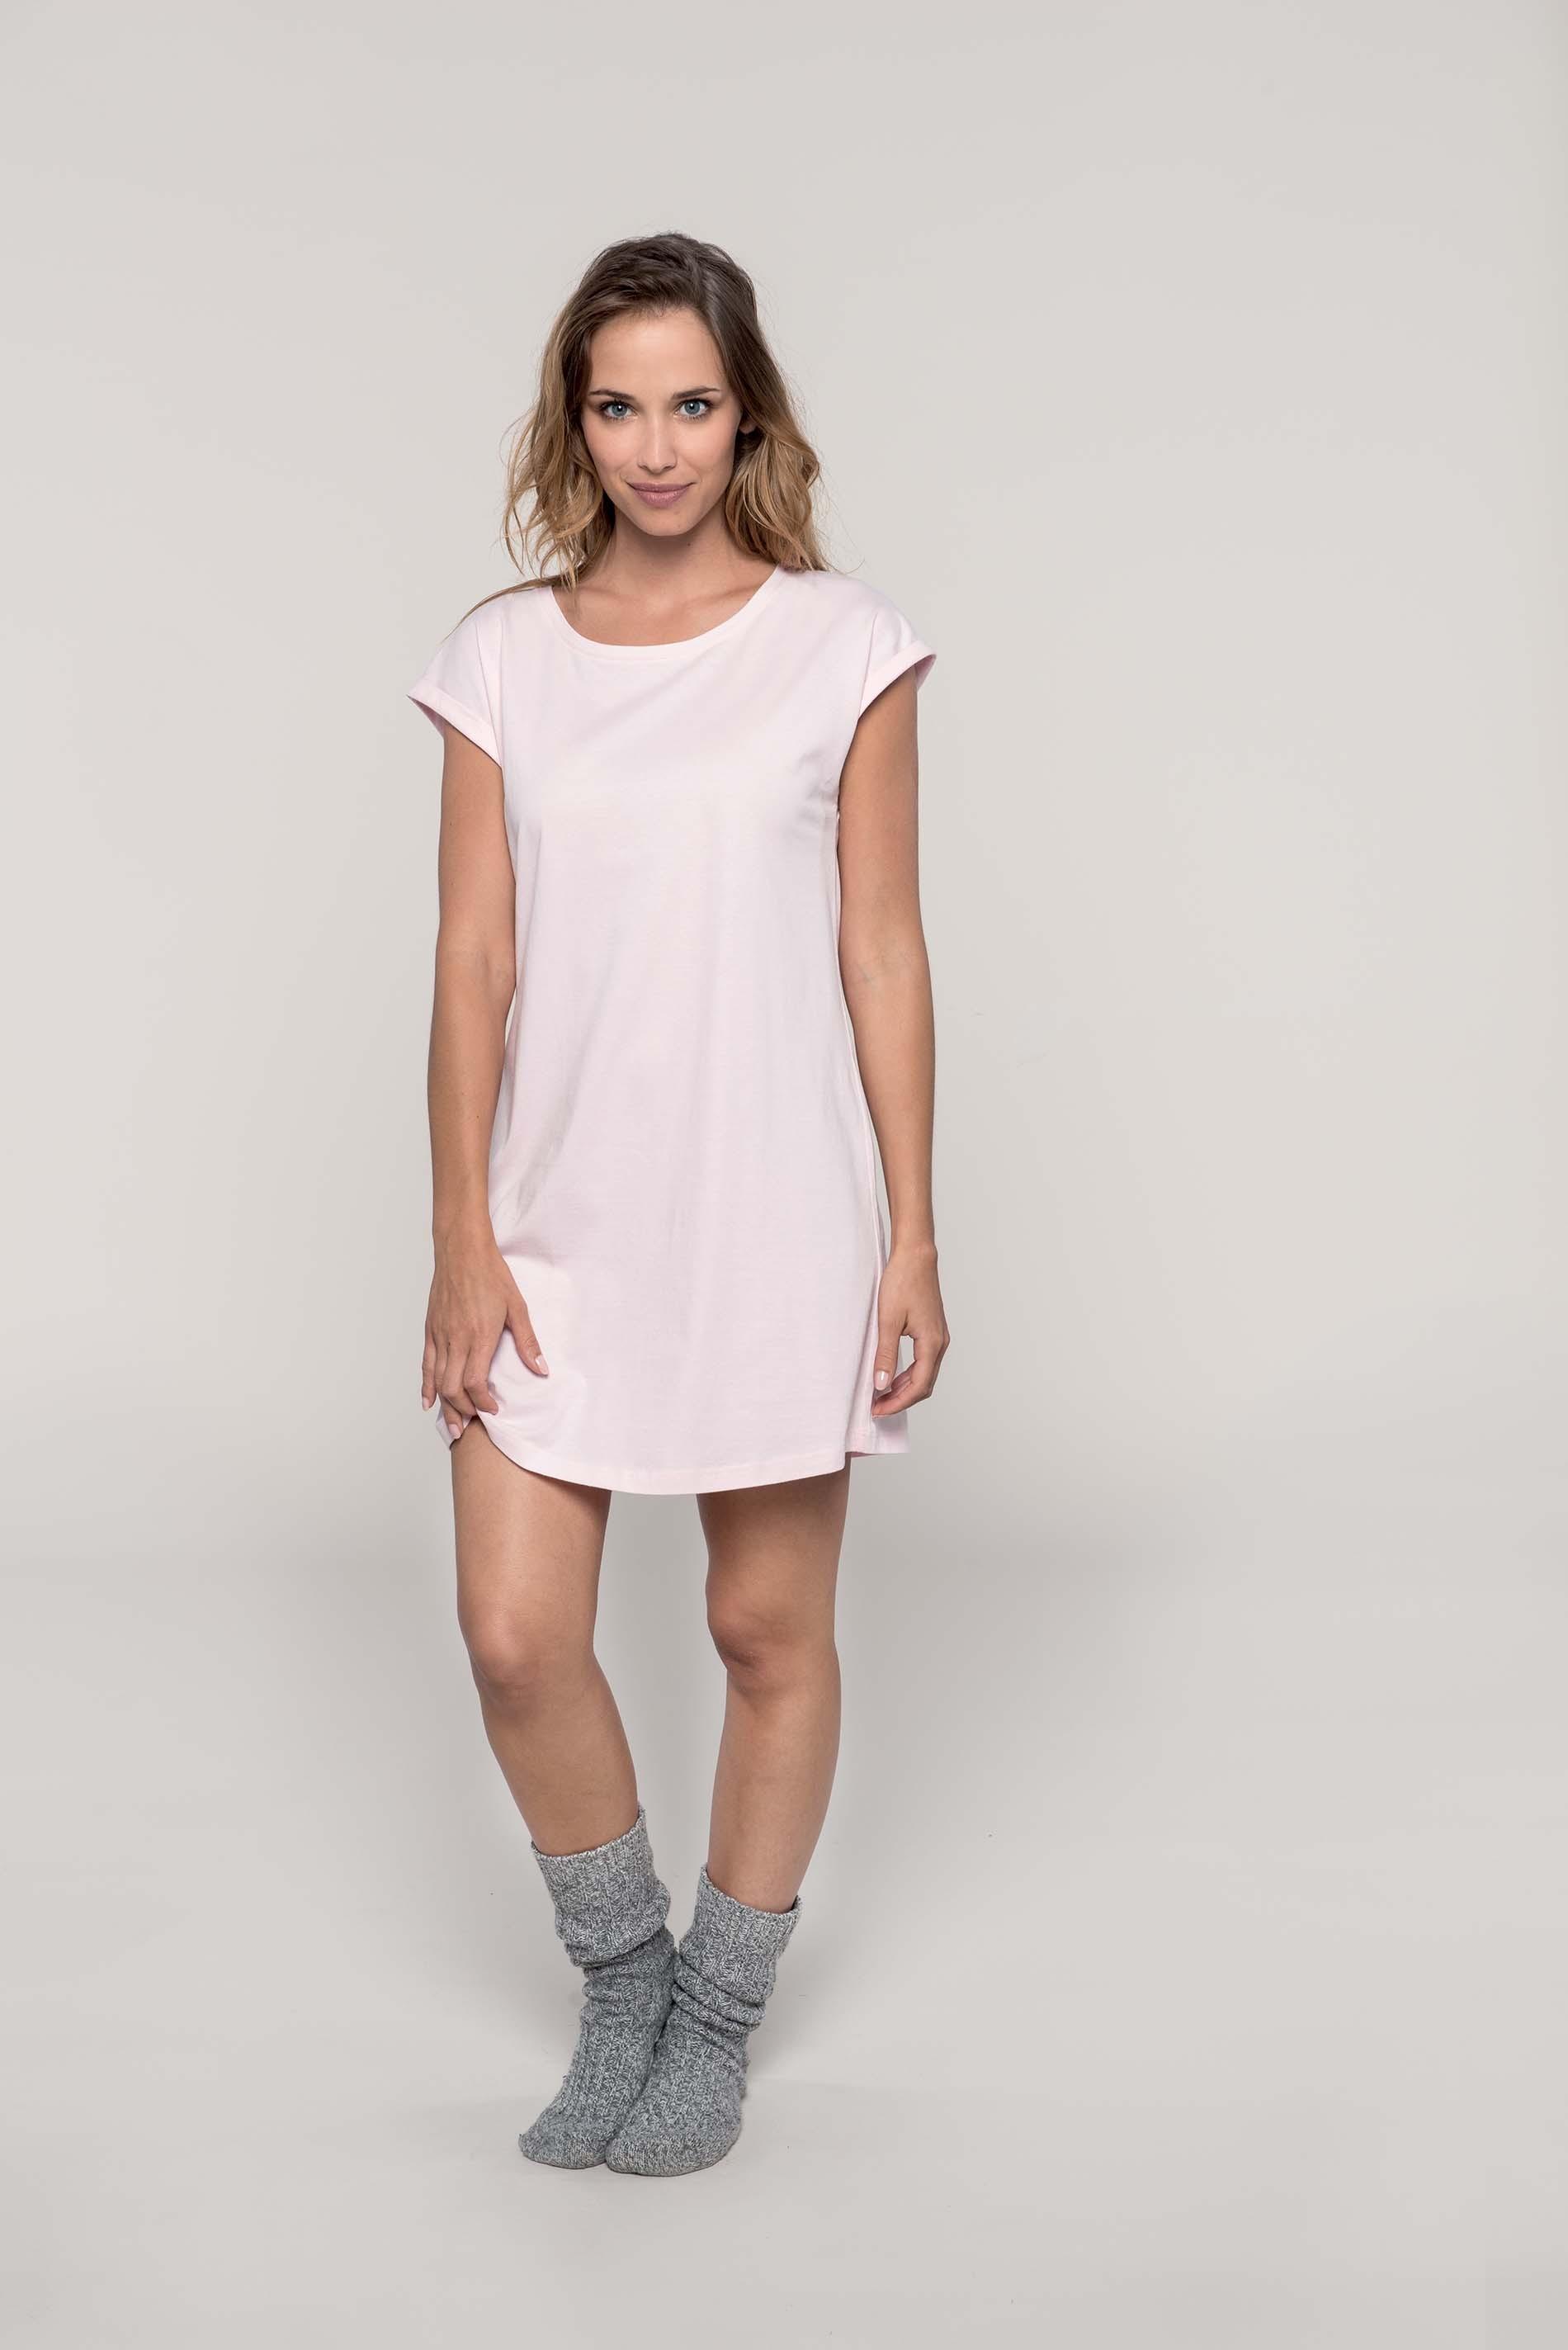 61ea8eda537 Dámské dlouhé tričko - šaty. NOVINKA